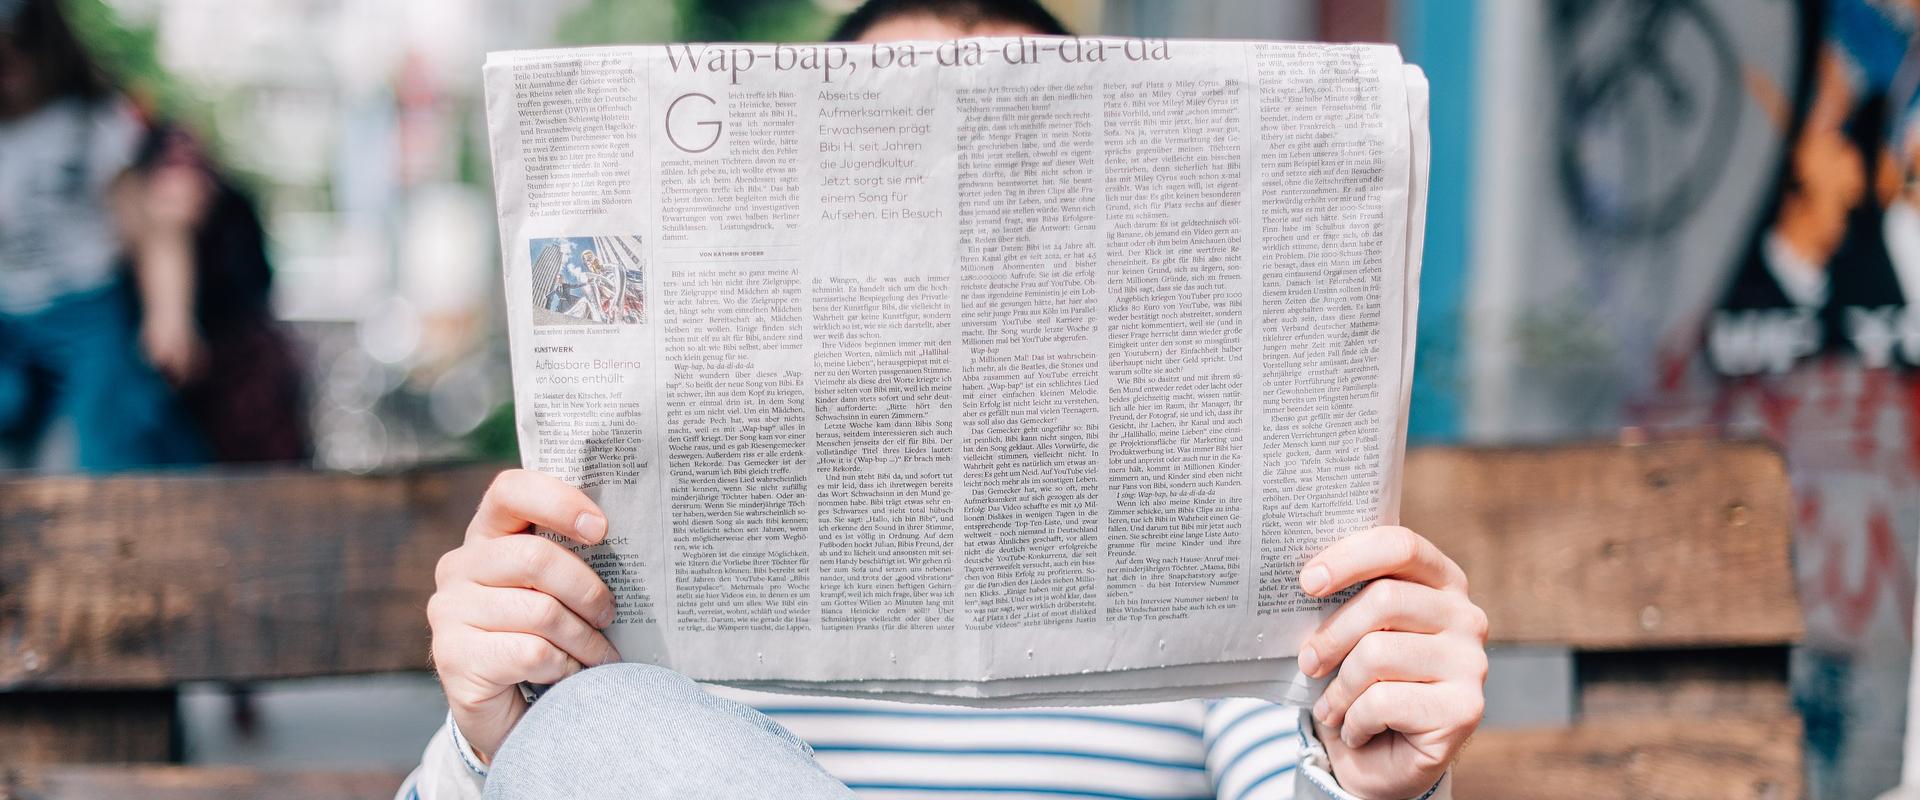 Die Schülerzeitung